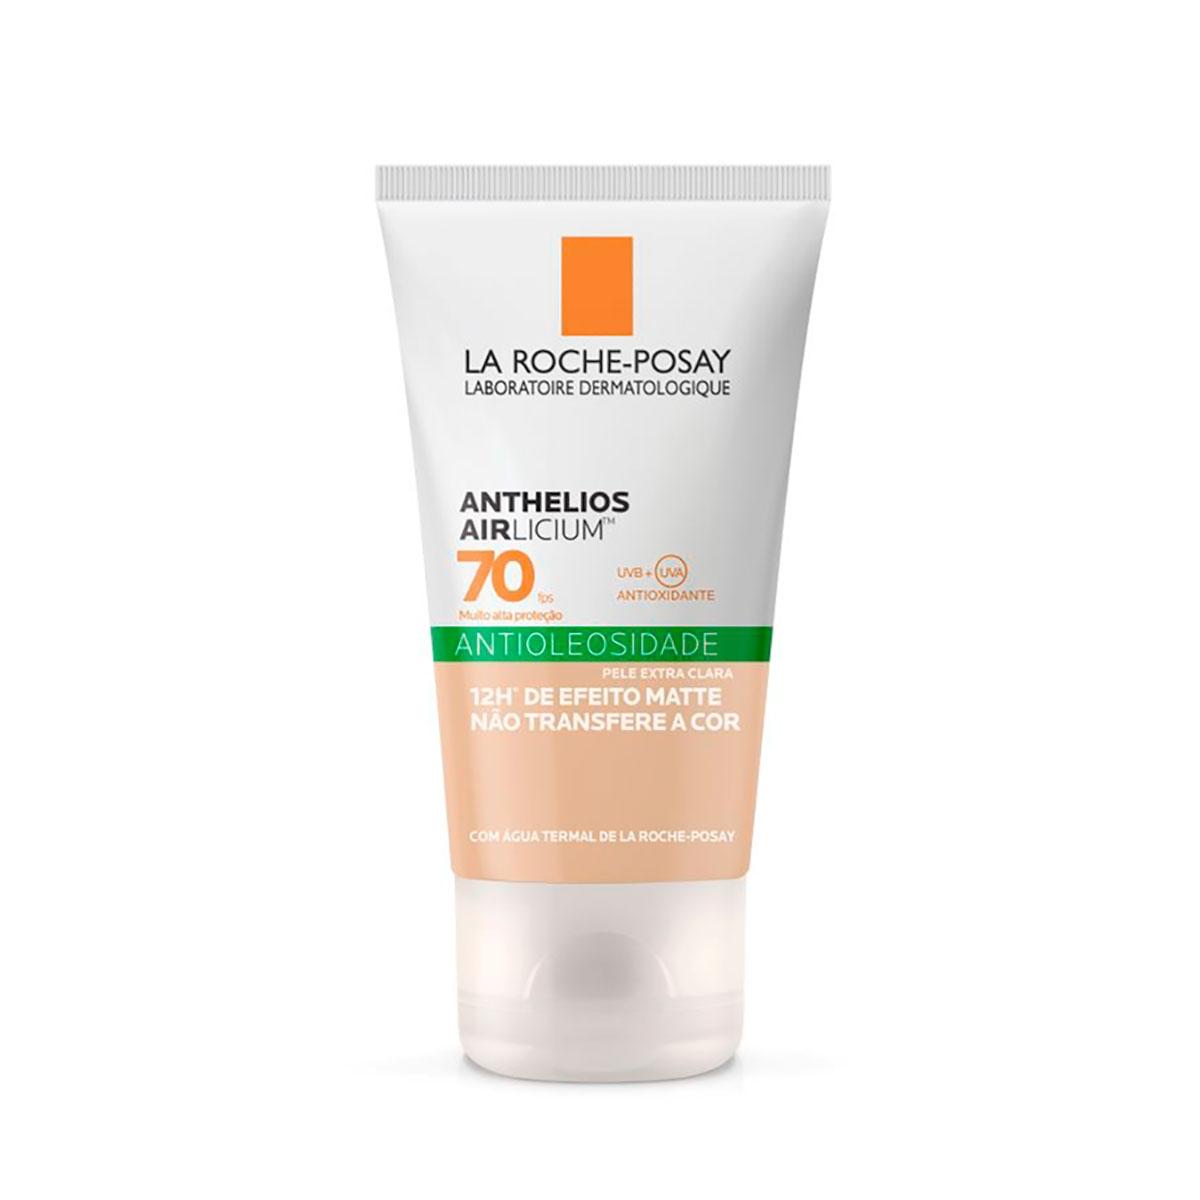 Protetor Solar Facial La Roche- Posay Anthelios Airlicium Antioleosidade Pele Extra Clara FPS 70 com 40g 40g